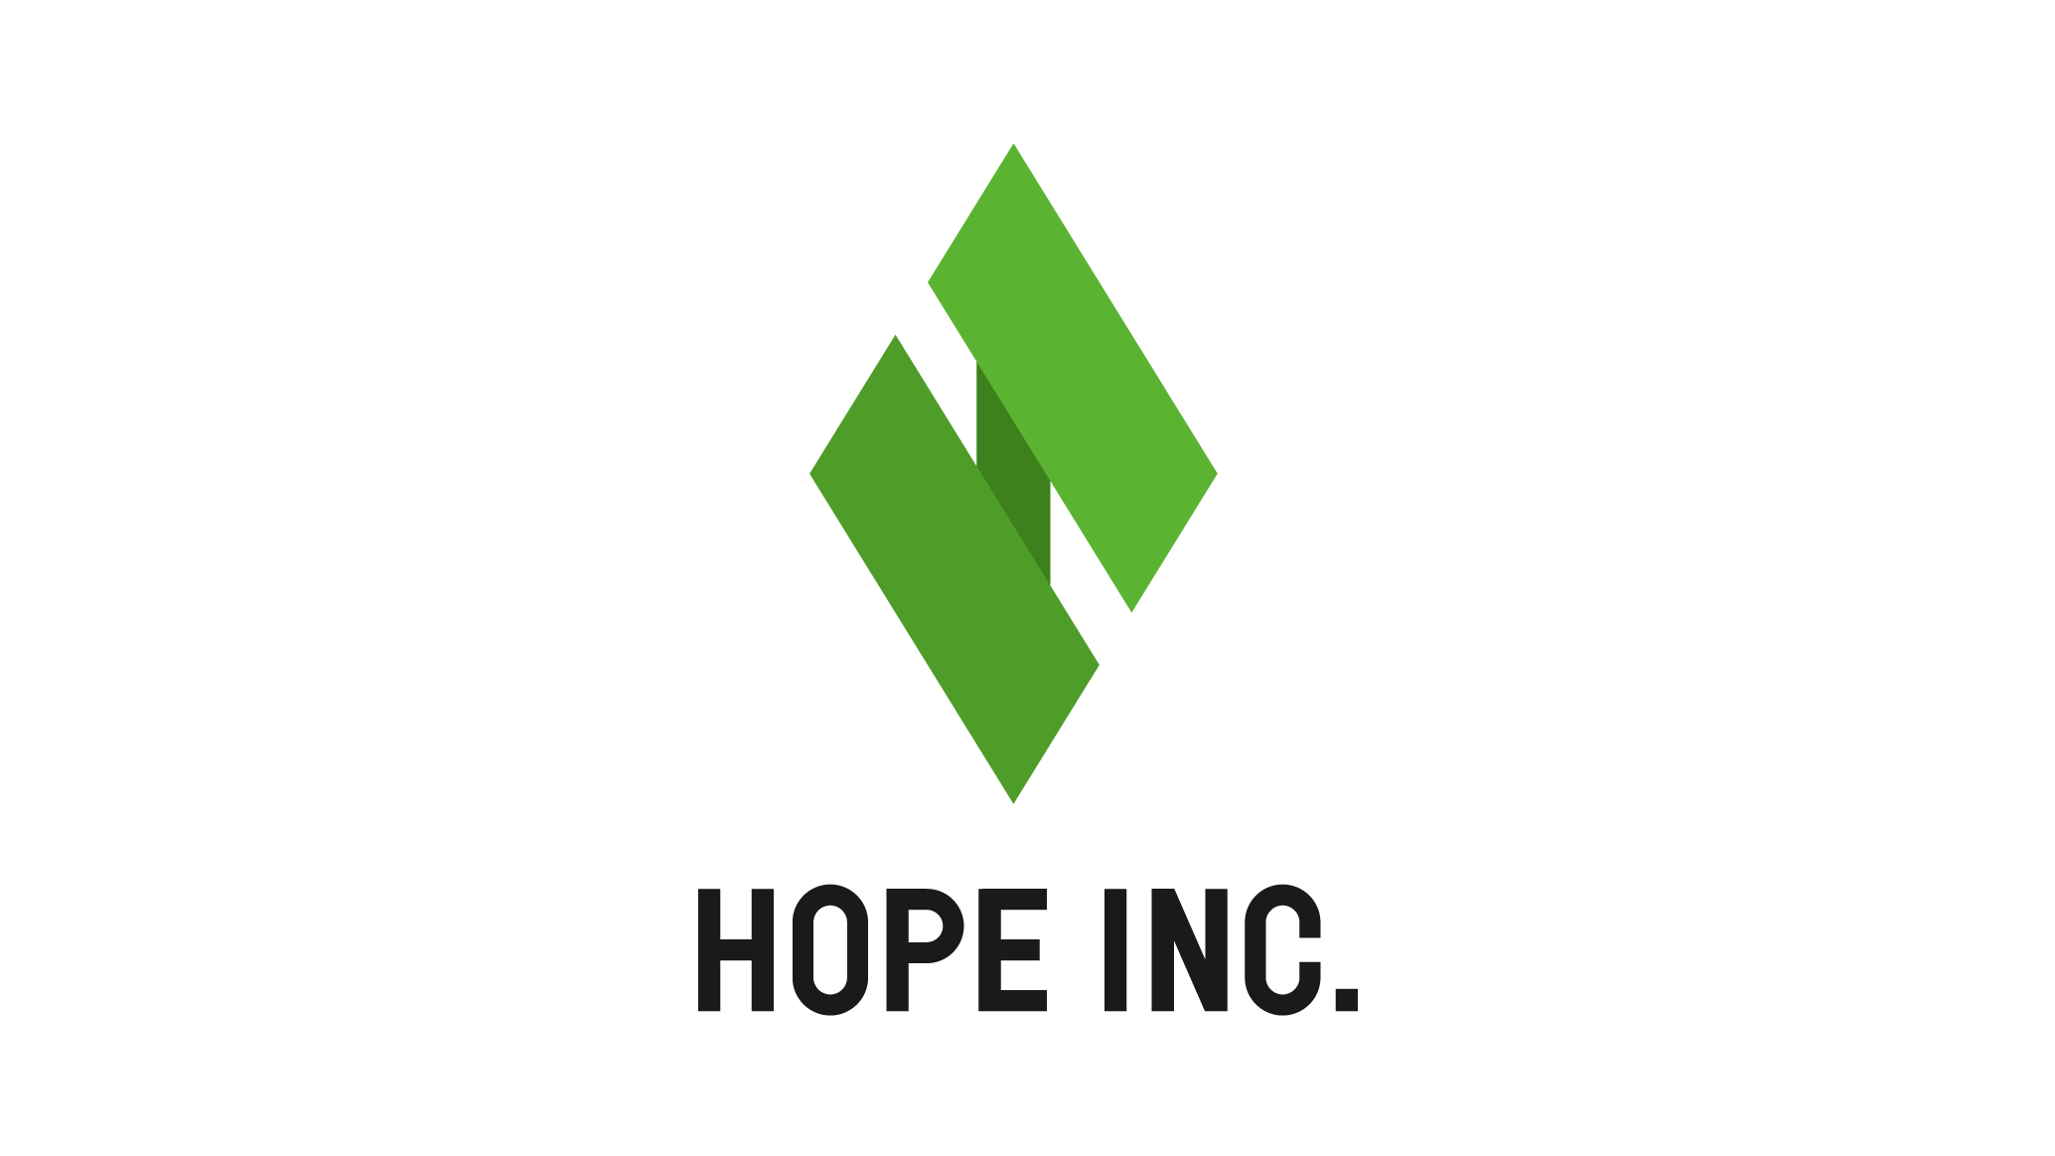 株式会社ホープの決算/売上/経常利益を調べ、IR情報を徹底調査